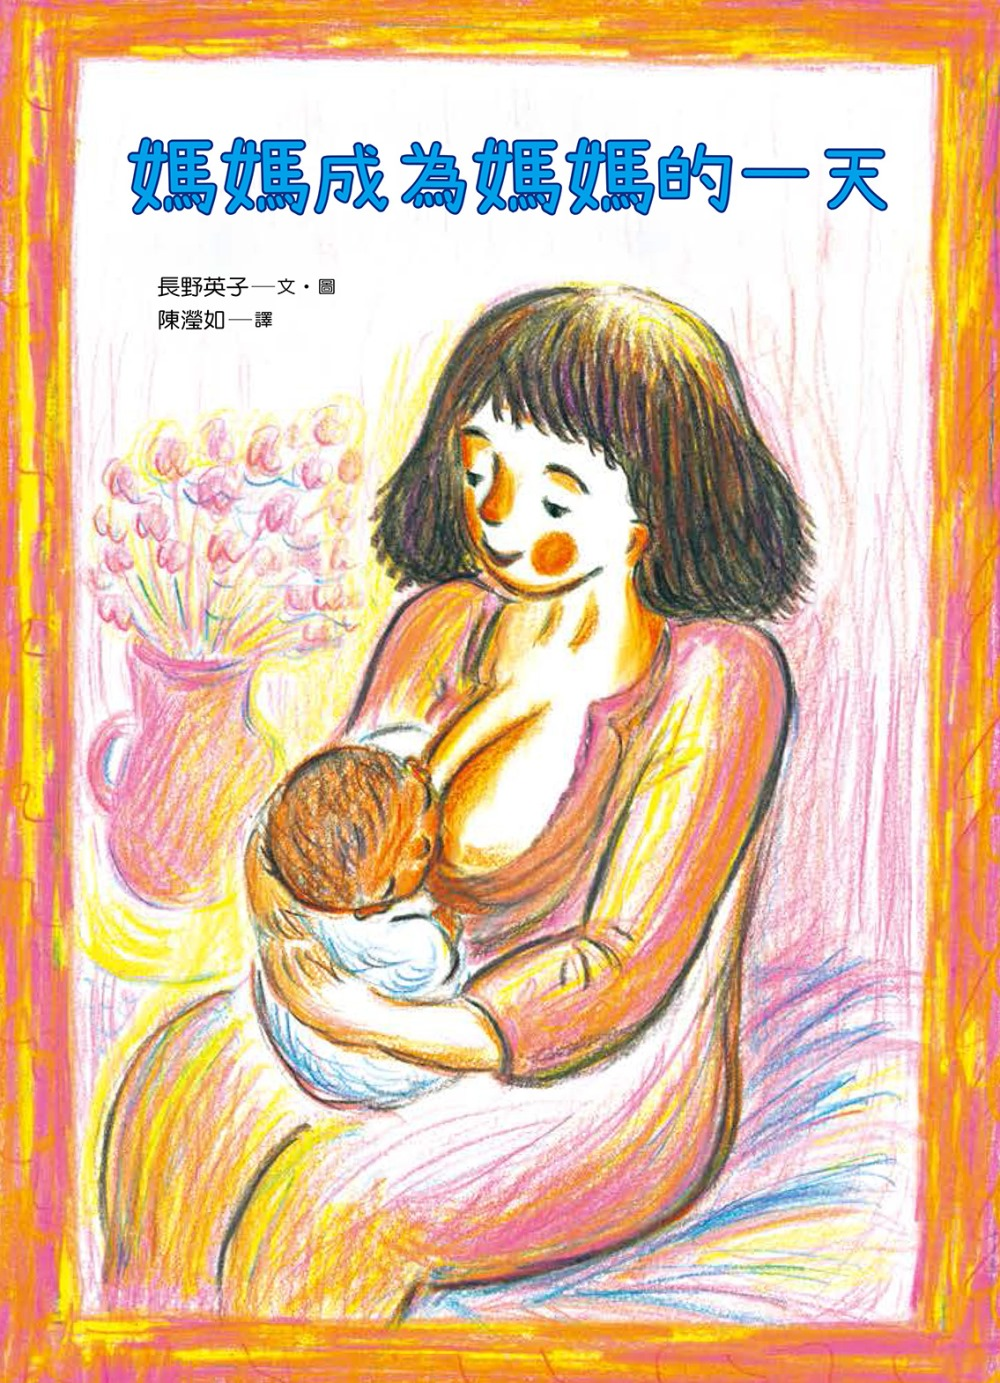 媽媽成為媽媽的一天